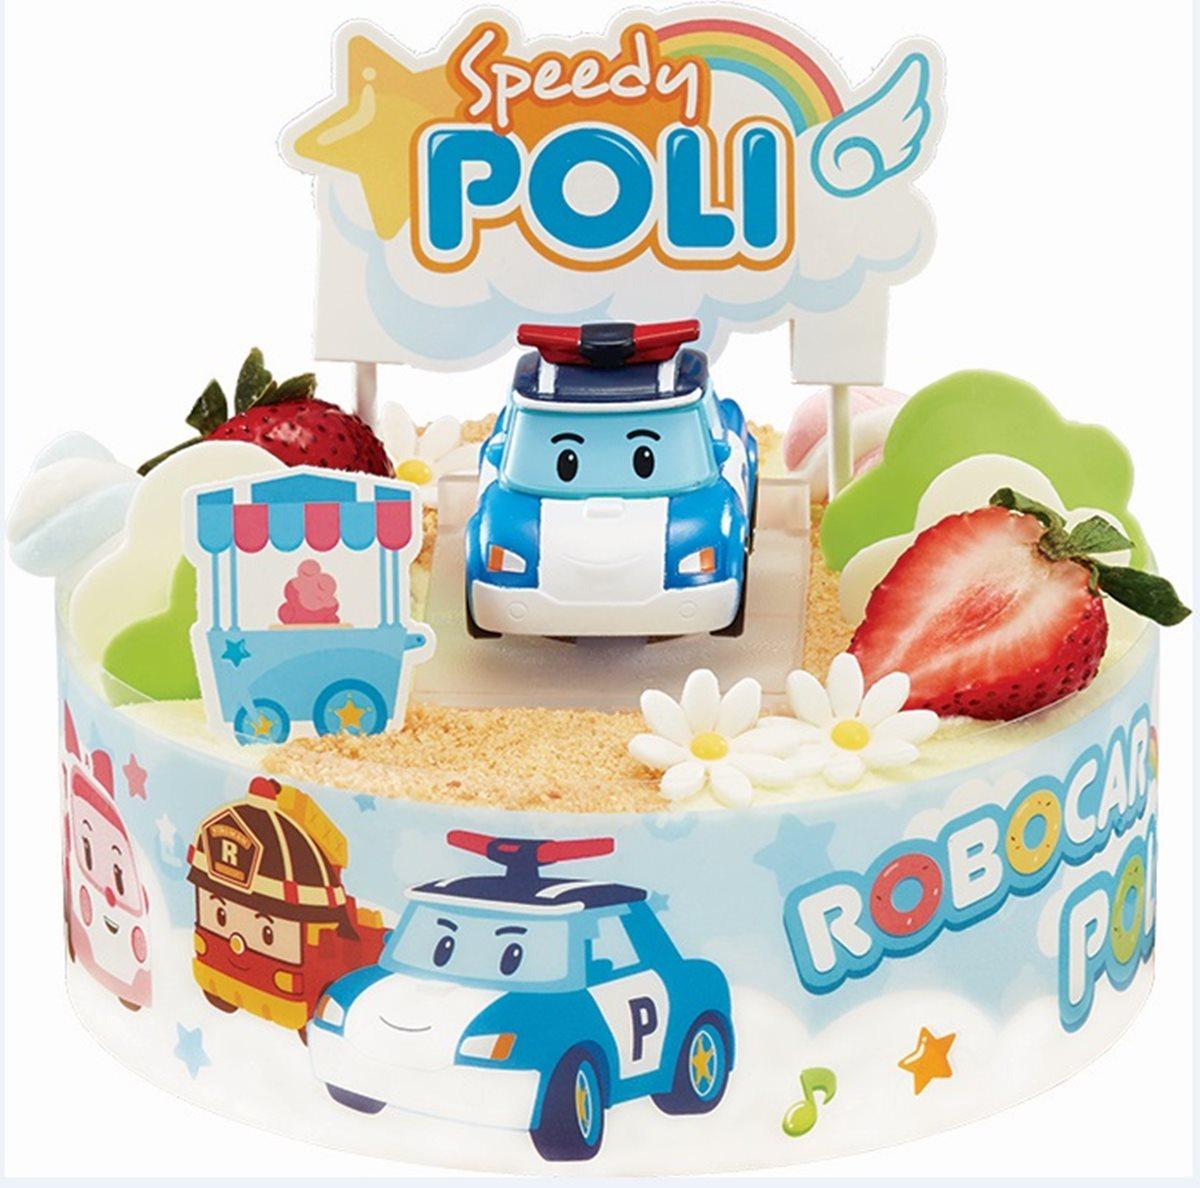 2款都好想買!超人氣「波力救援小隊」蛋糕限量登場  加碼布丁奶茶第2杯10元